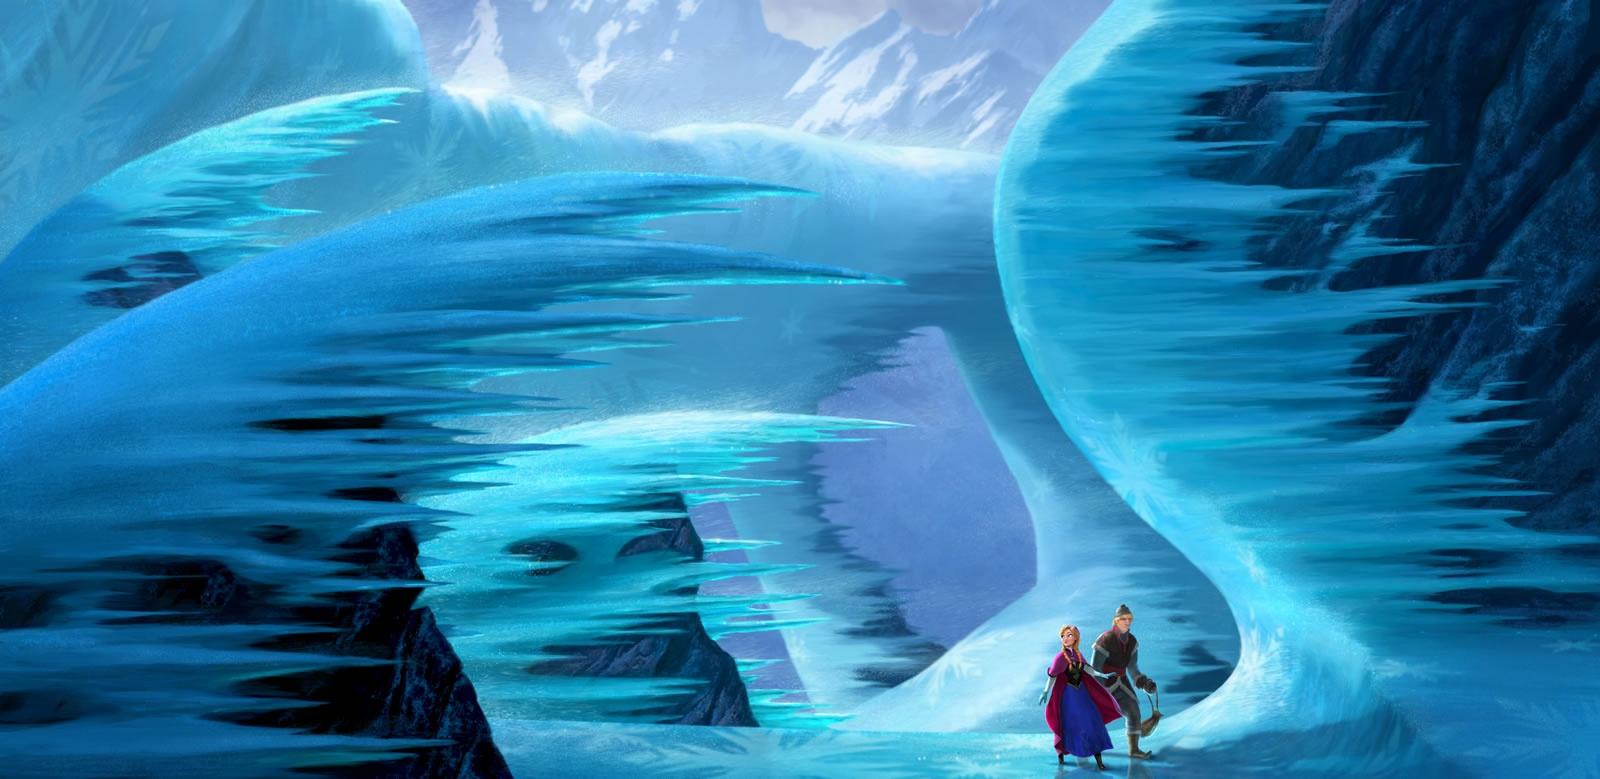 冰雪动物儿童画